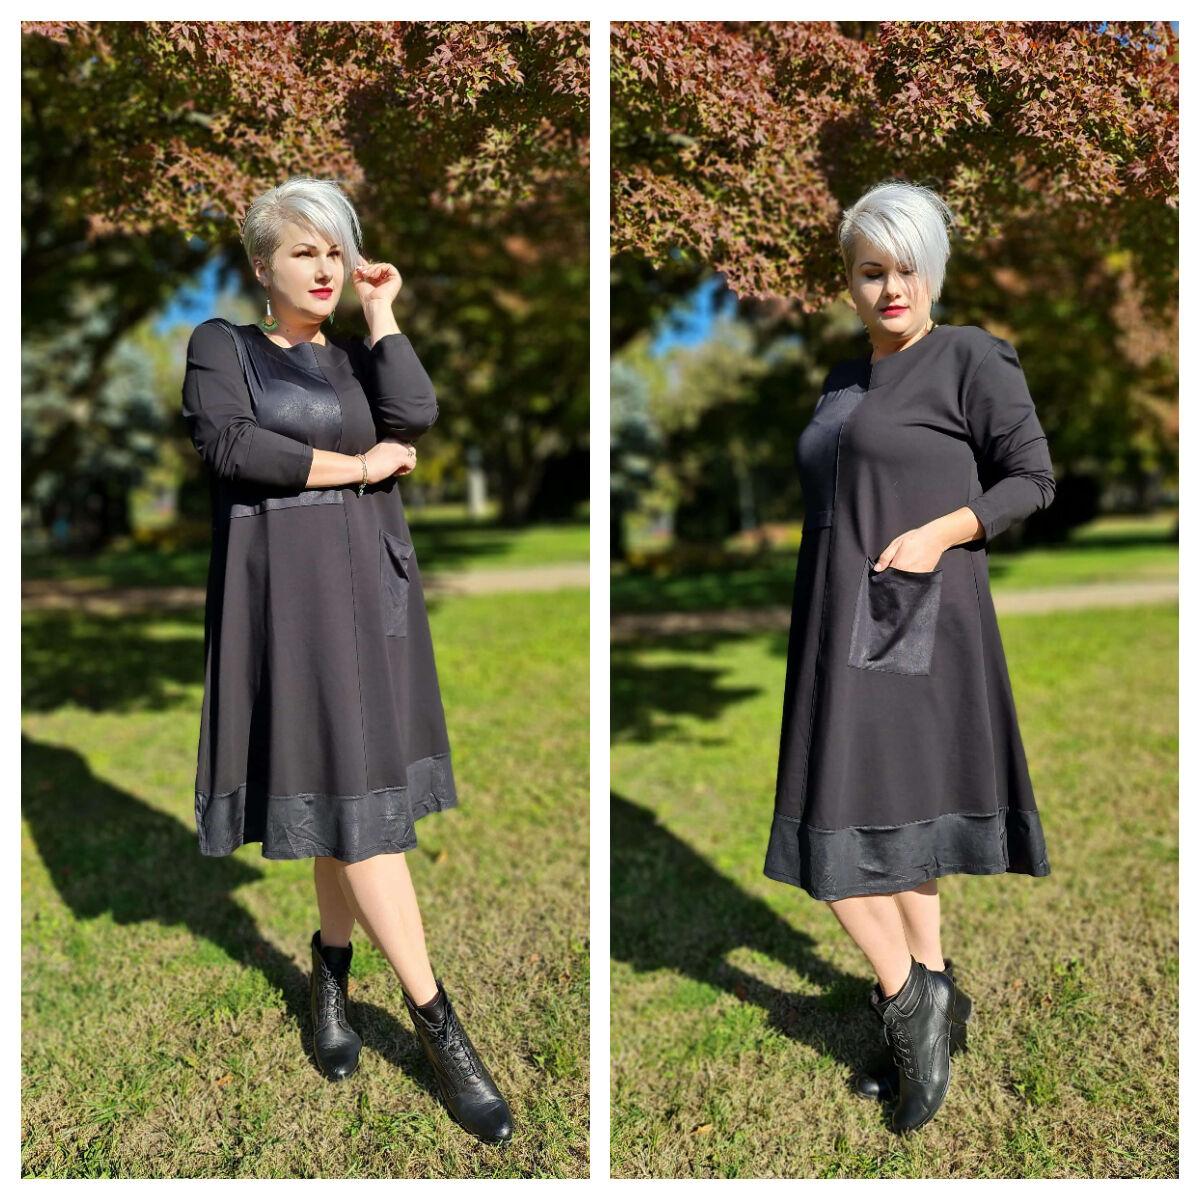 Carolyn ruha - nagyméretű fekete ruha